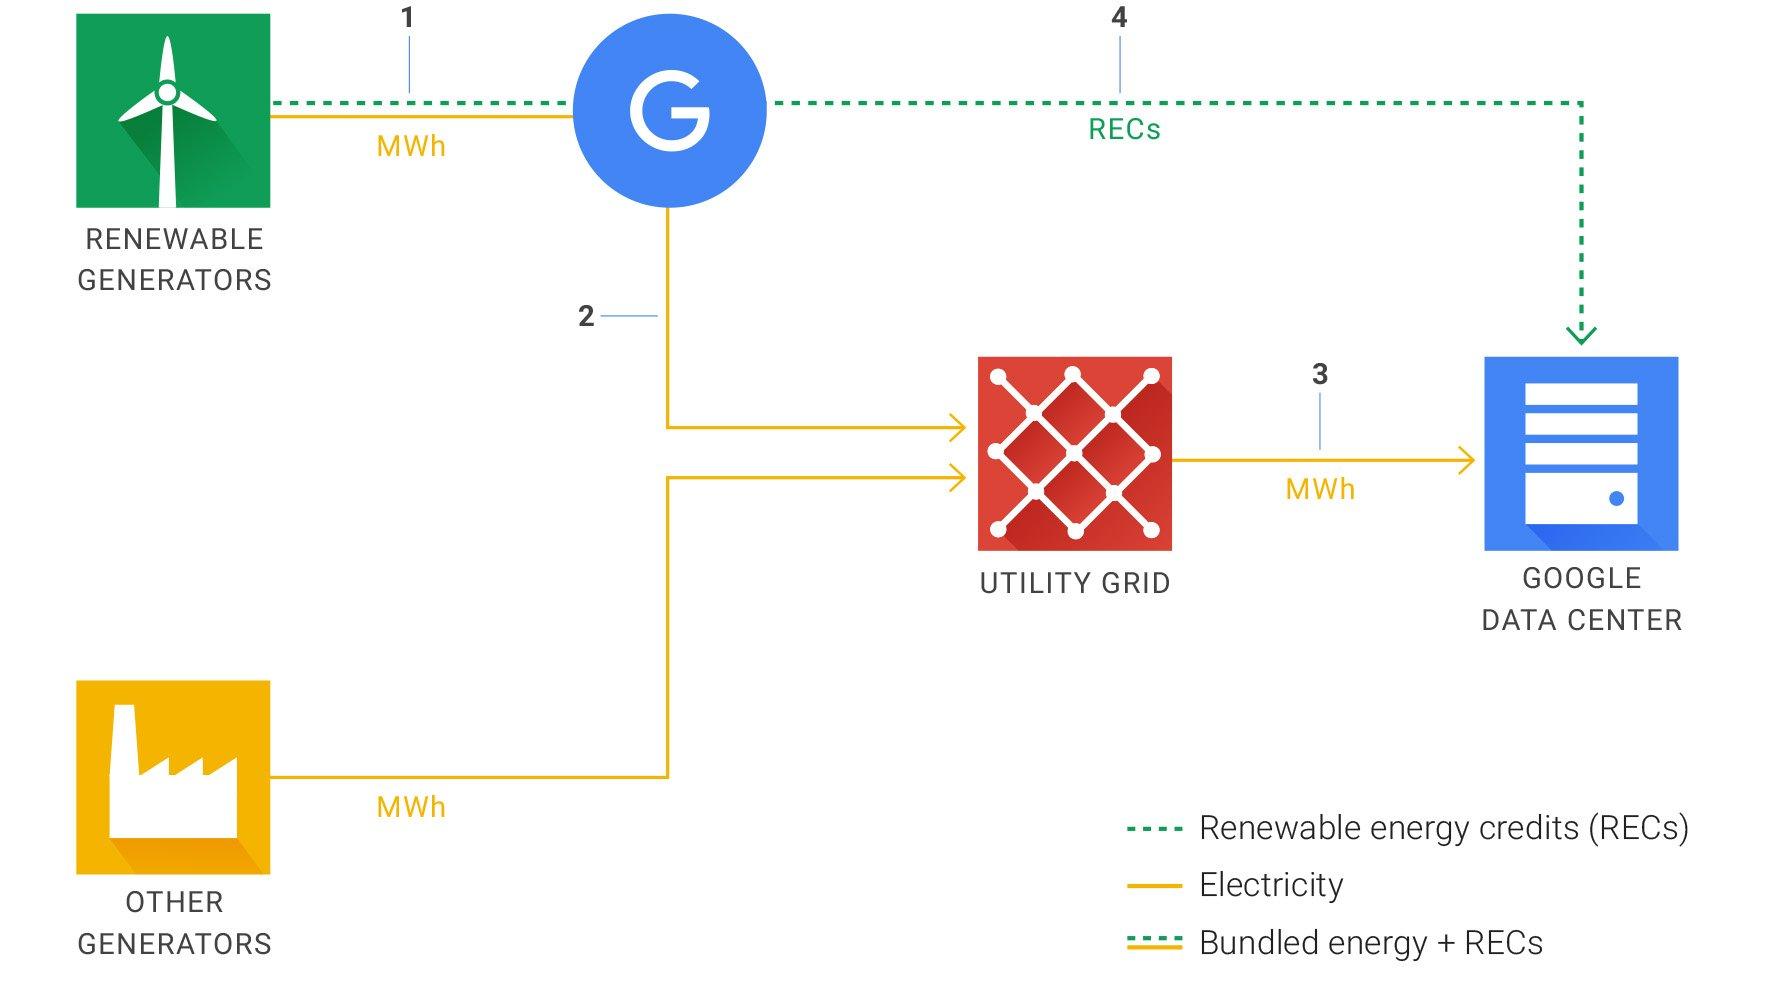 Schéma sur les énergies renouvelables de Google